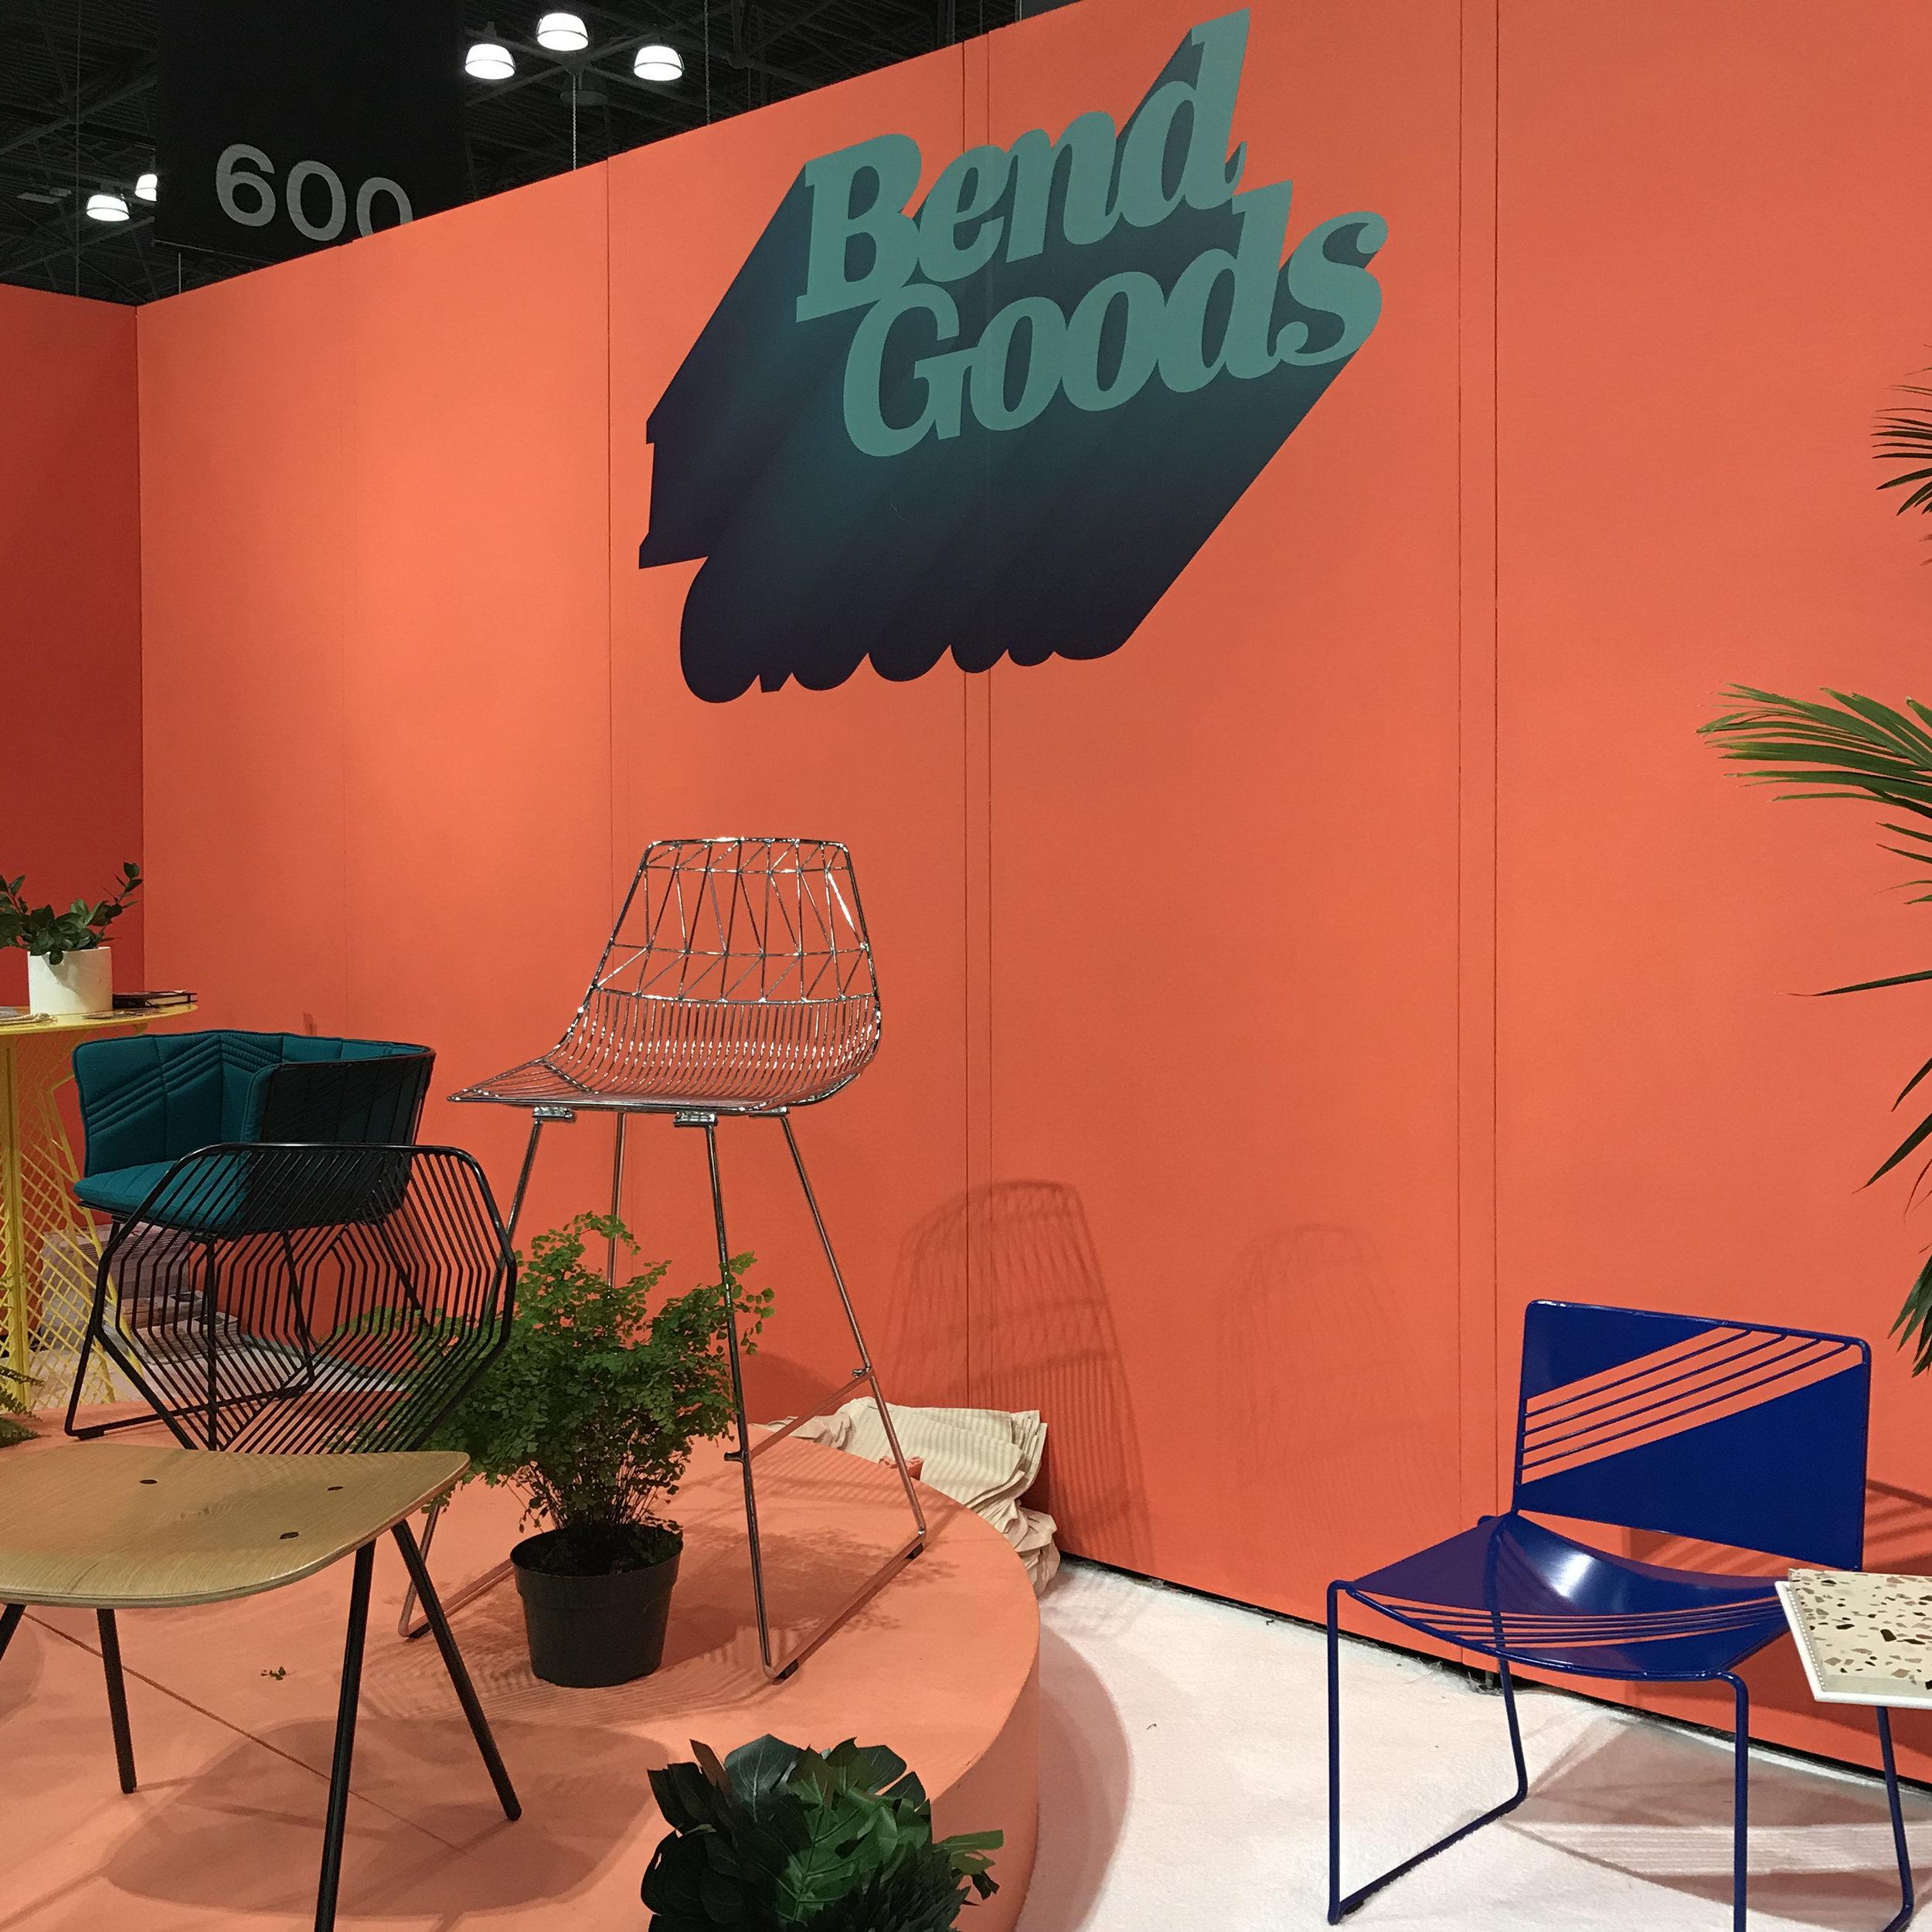 Bend Goods Crop.jpg